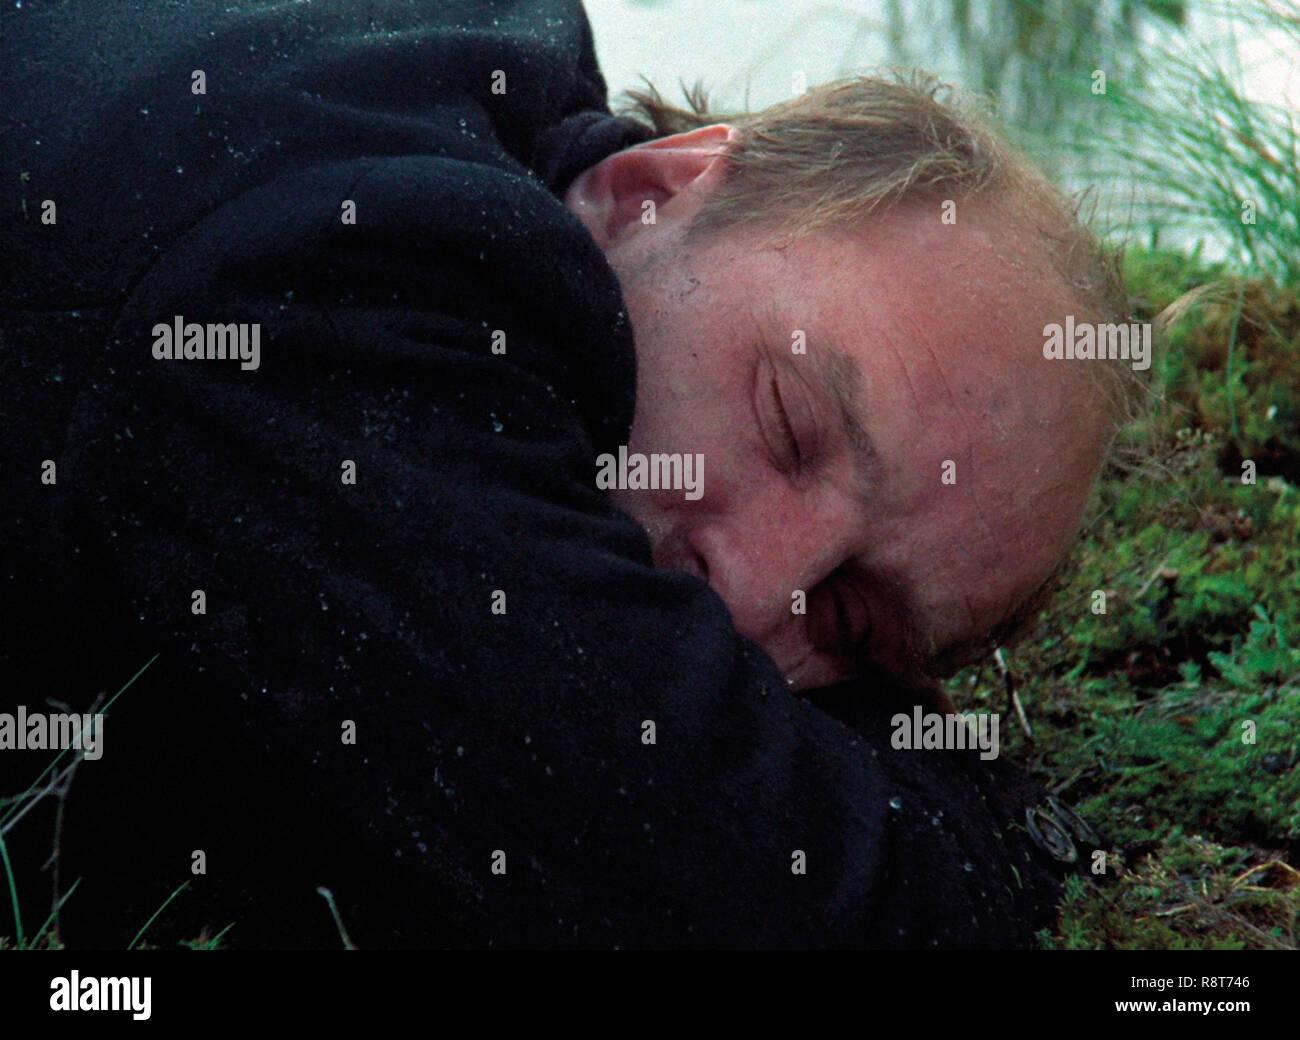 Prod DB © Mosfilm - Vtoroe Tvorcheskoe Obedinenie / DR STALKER de Andrei Tarkovsky 1979 URSS Anatoliy Solonitsyn (Anatoli Solonitsyne). science-fictio - Stock Image